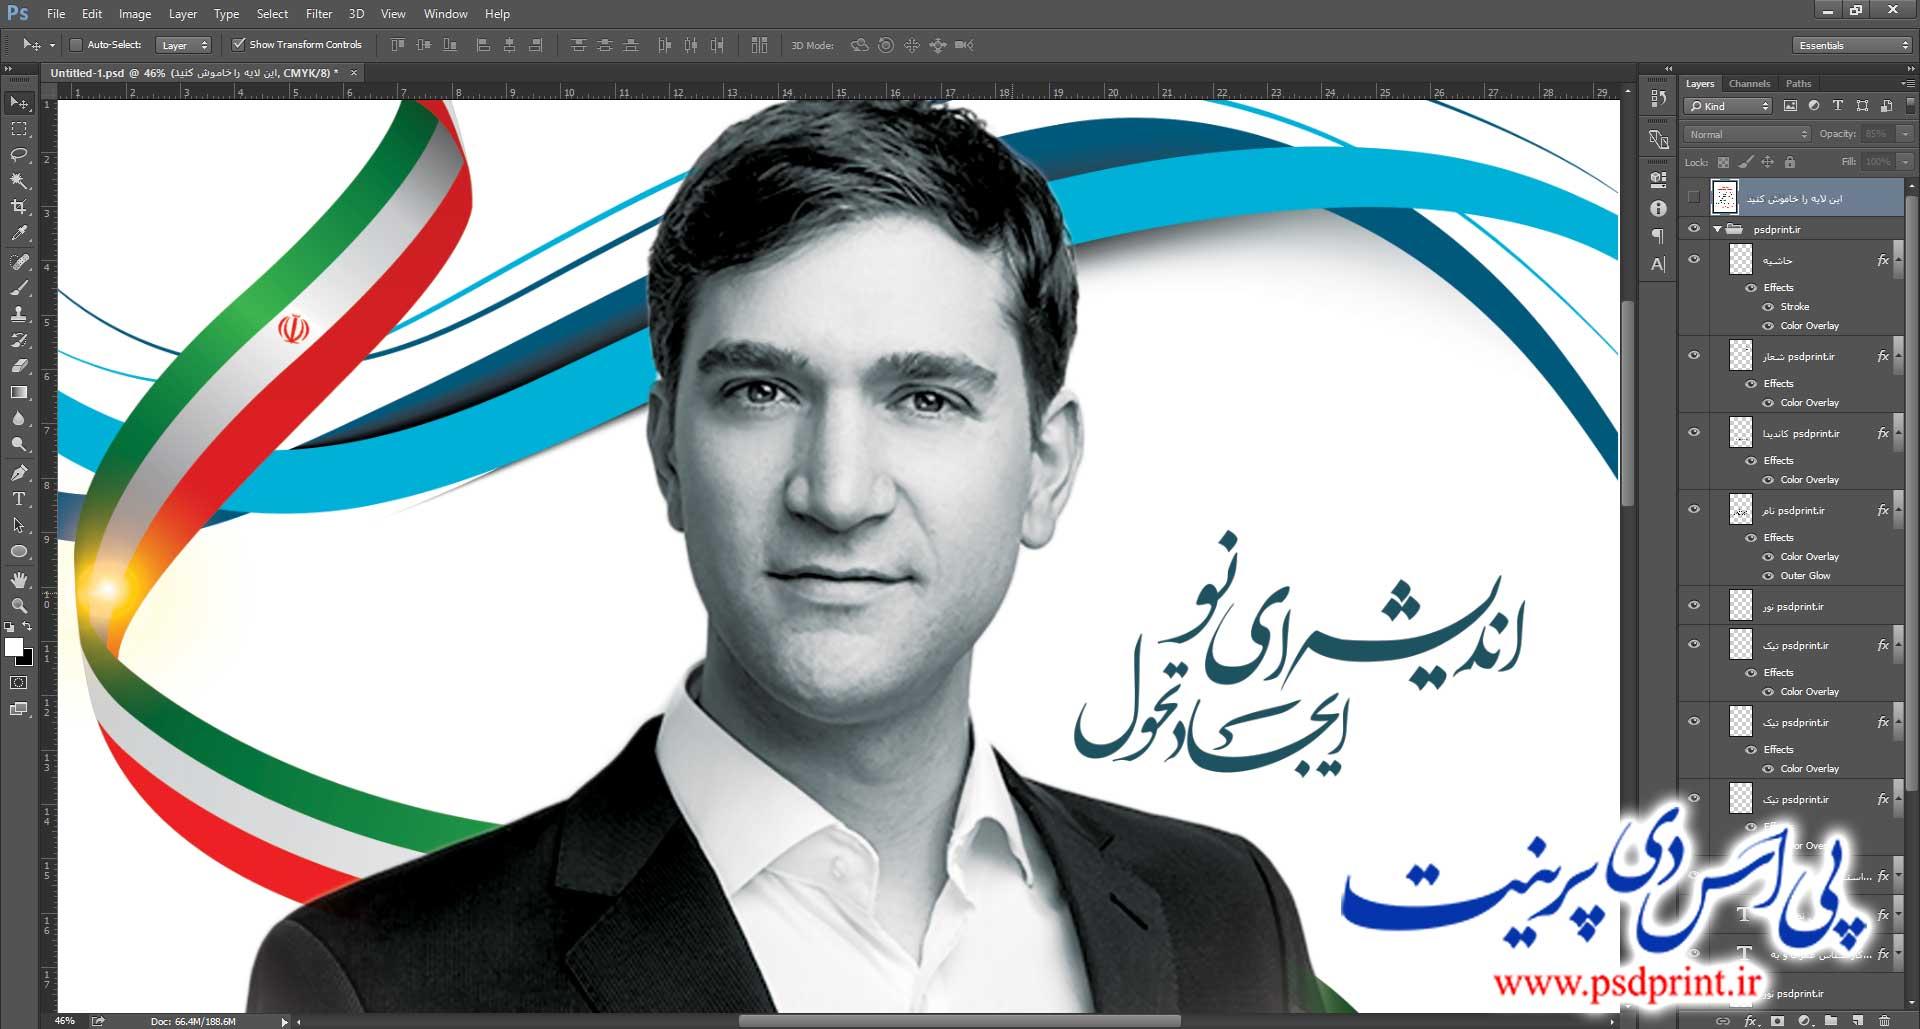 پوستر تبلیغاتی انتخابات مجلس